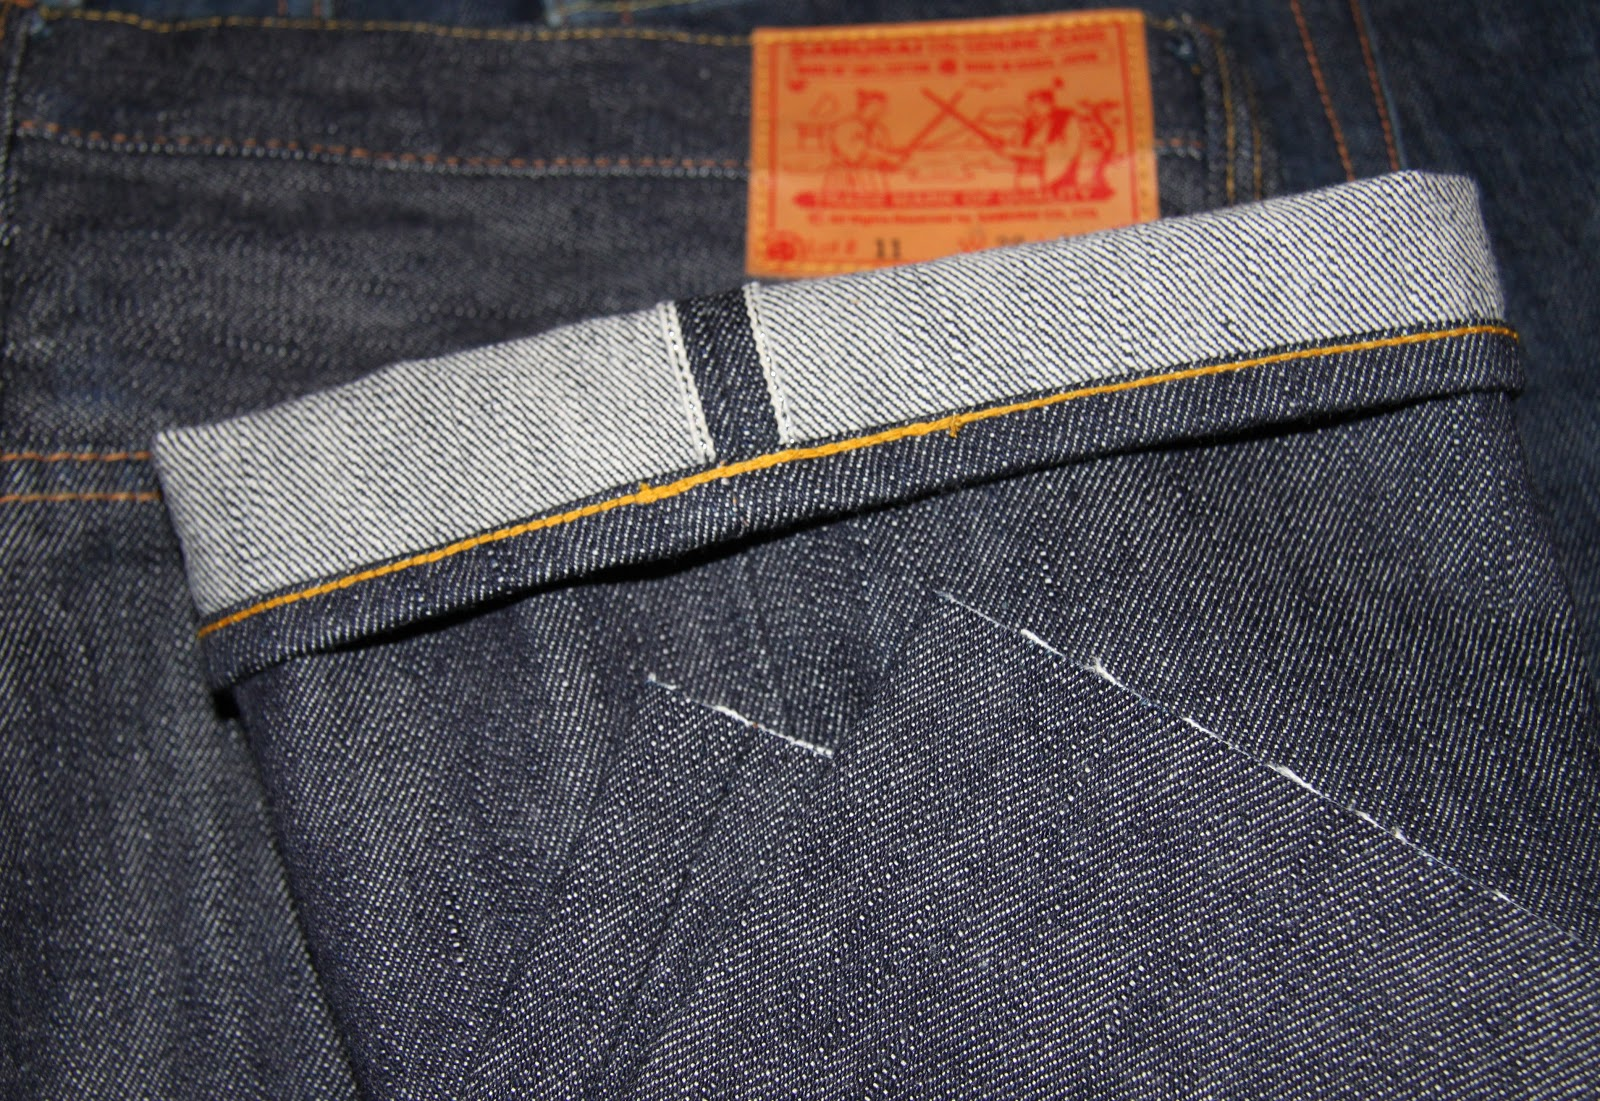 Выбор джинс